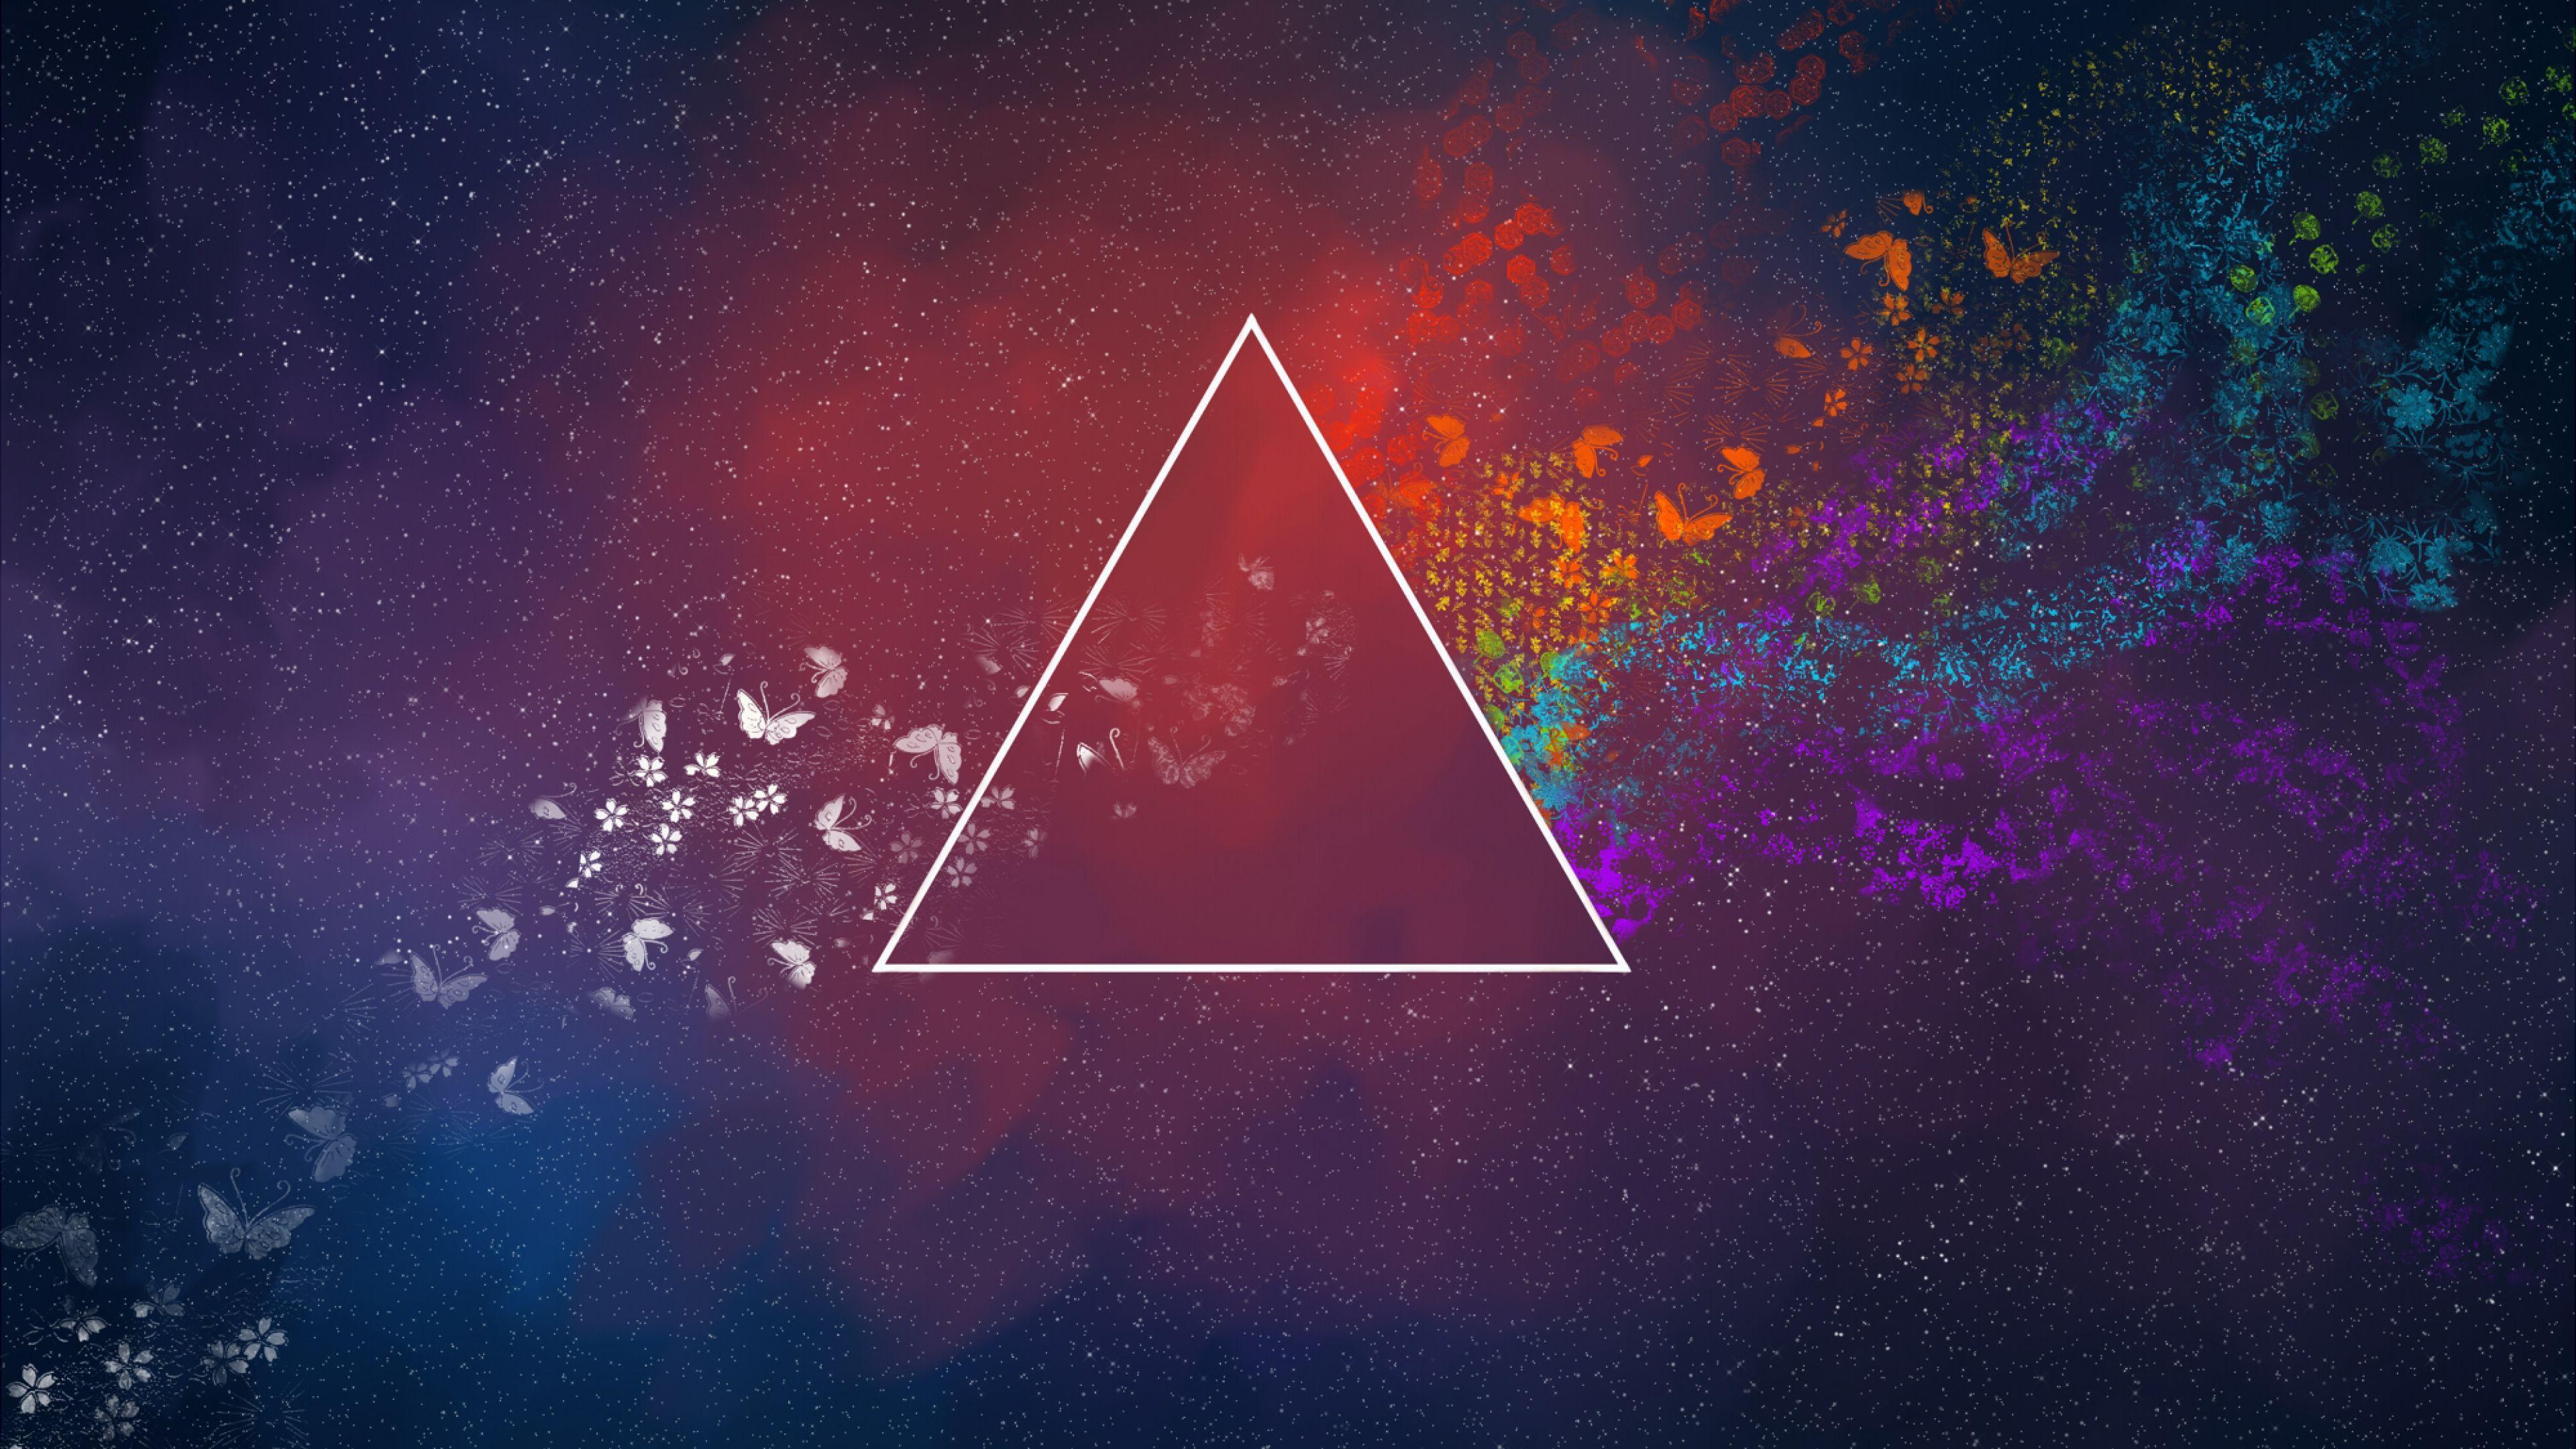 Minimalist 4k Abstract Desktop Wallpapers Top Free Minimalist 4k Abstract Desktop Backgrounds Wallpaperaccess